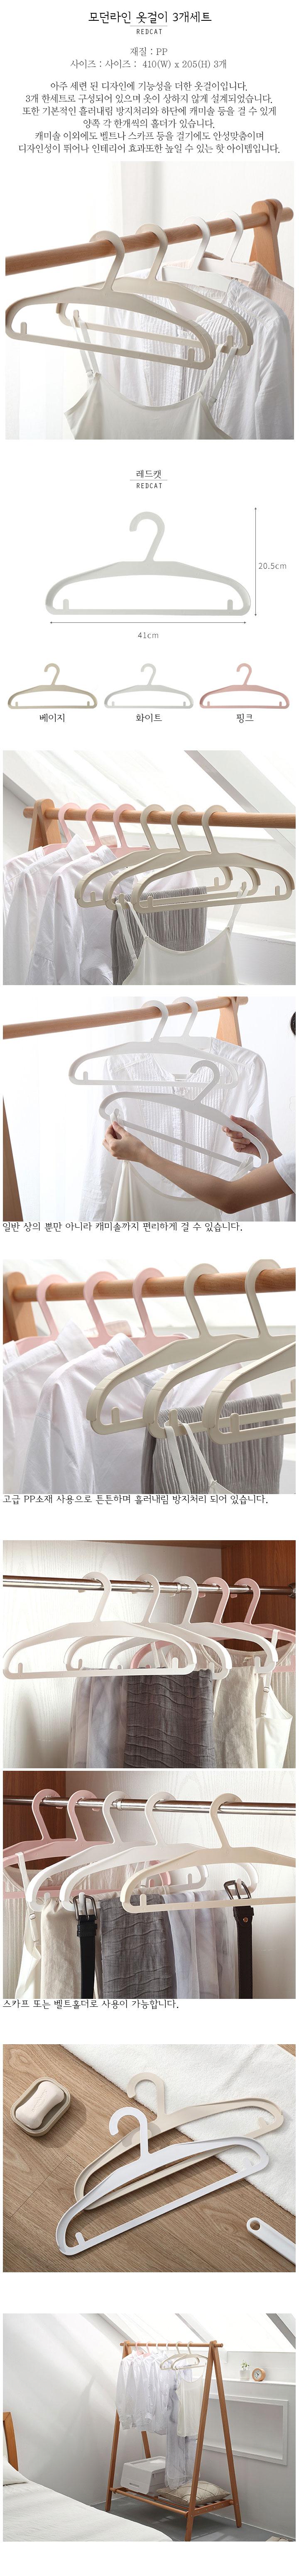 모던라인 옷걸이 3개세트 - 네코리빙, 3,920원, 행거/드레스룸/옷걸이, 옷걸이/플라스틱